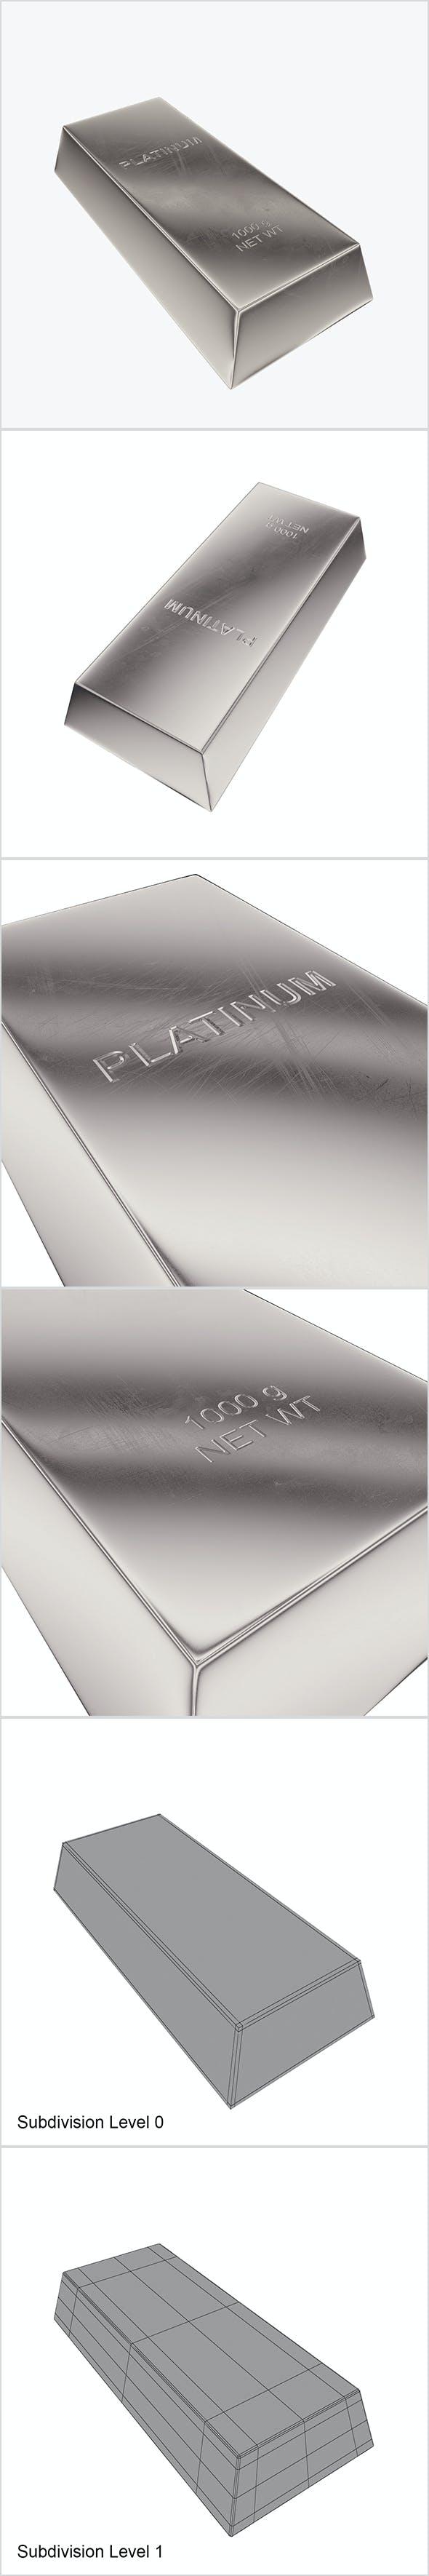 Ingot platinum - 3DOcean Item for Sale